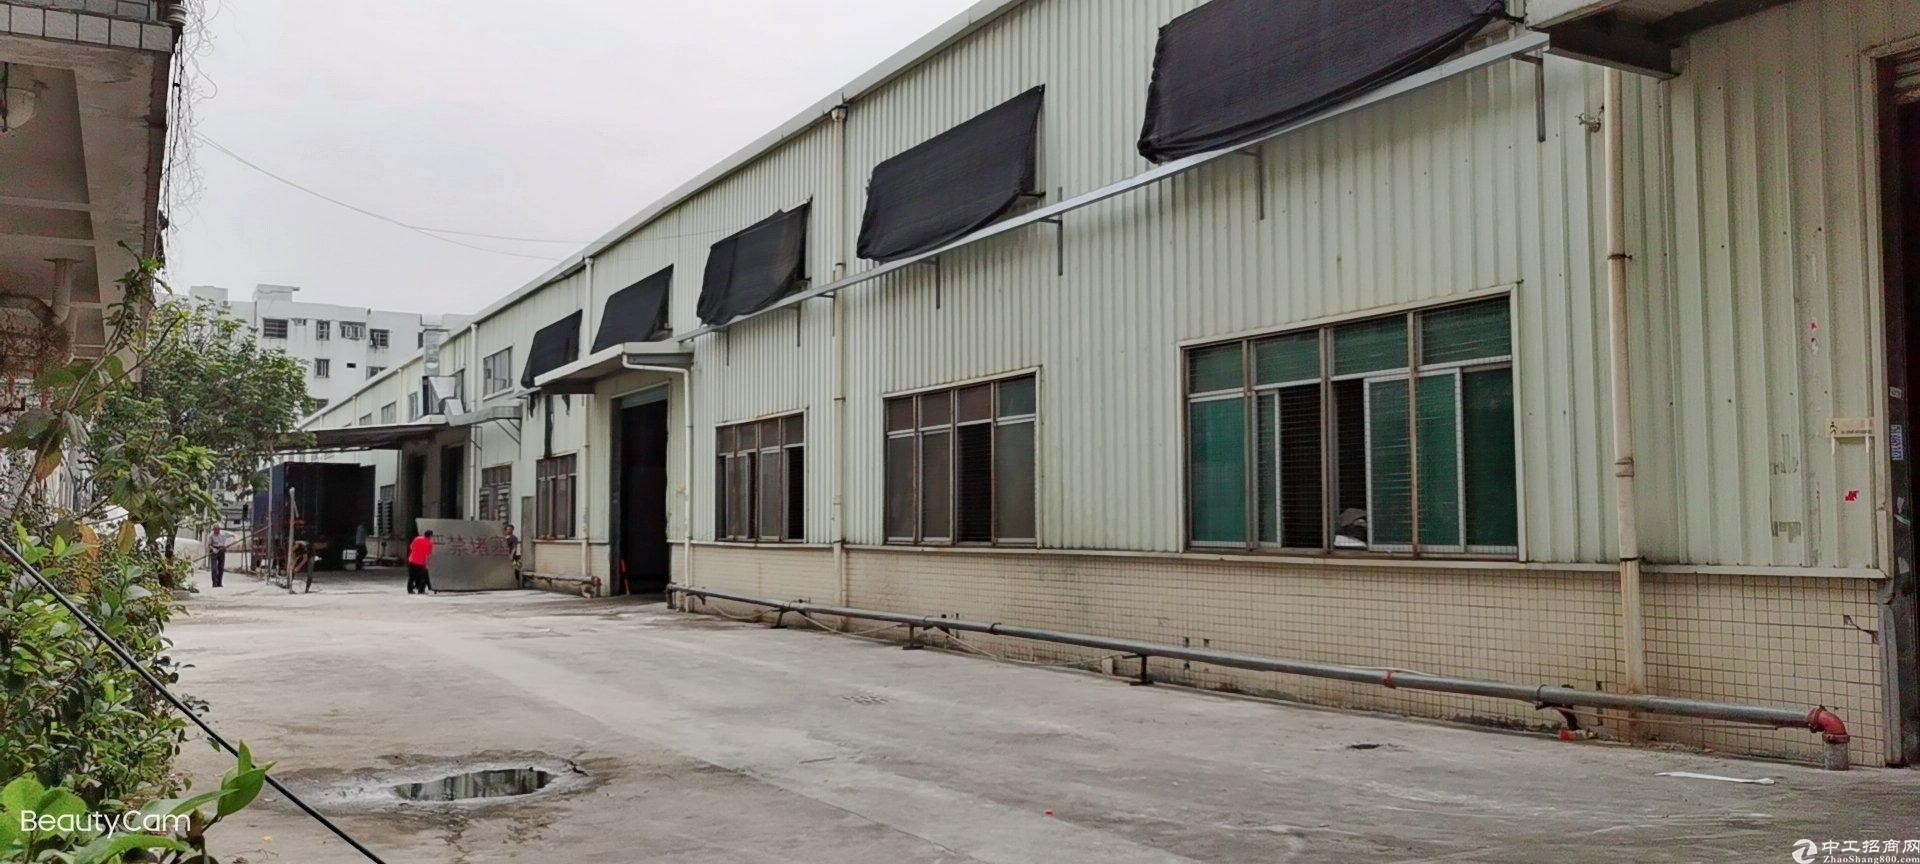 惠阳镇隆9米高单一层独门独院万博app官方下载3900平米出租带装修